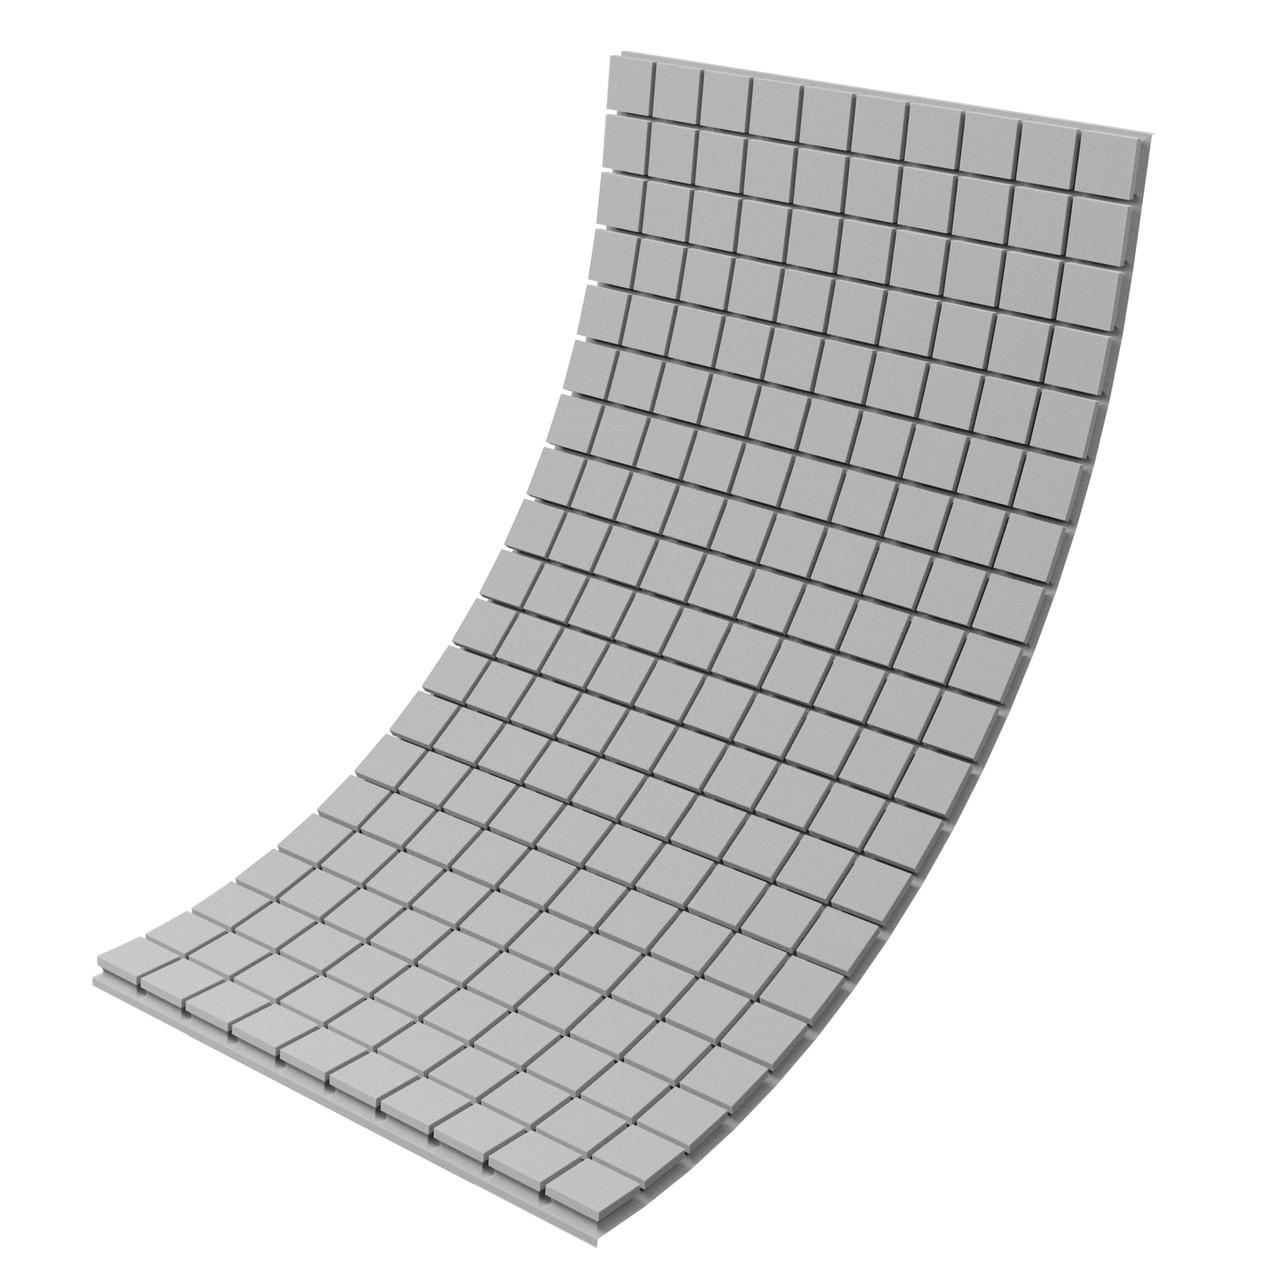 Панель з акустичного поролону Ecosound Tetras Gray 100x200 см, 70 мм, сірий